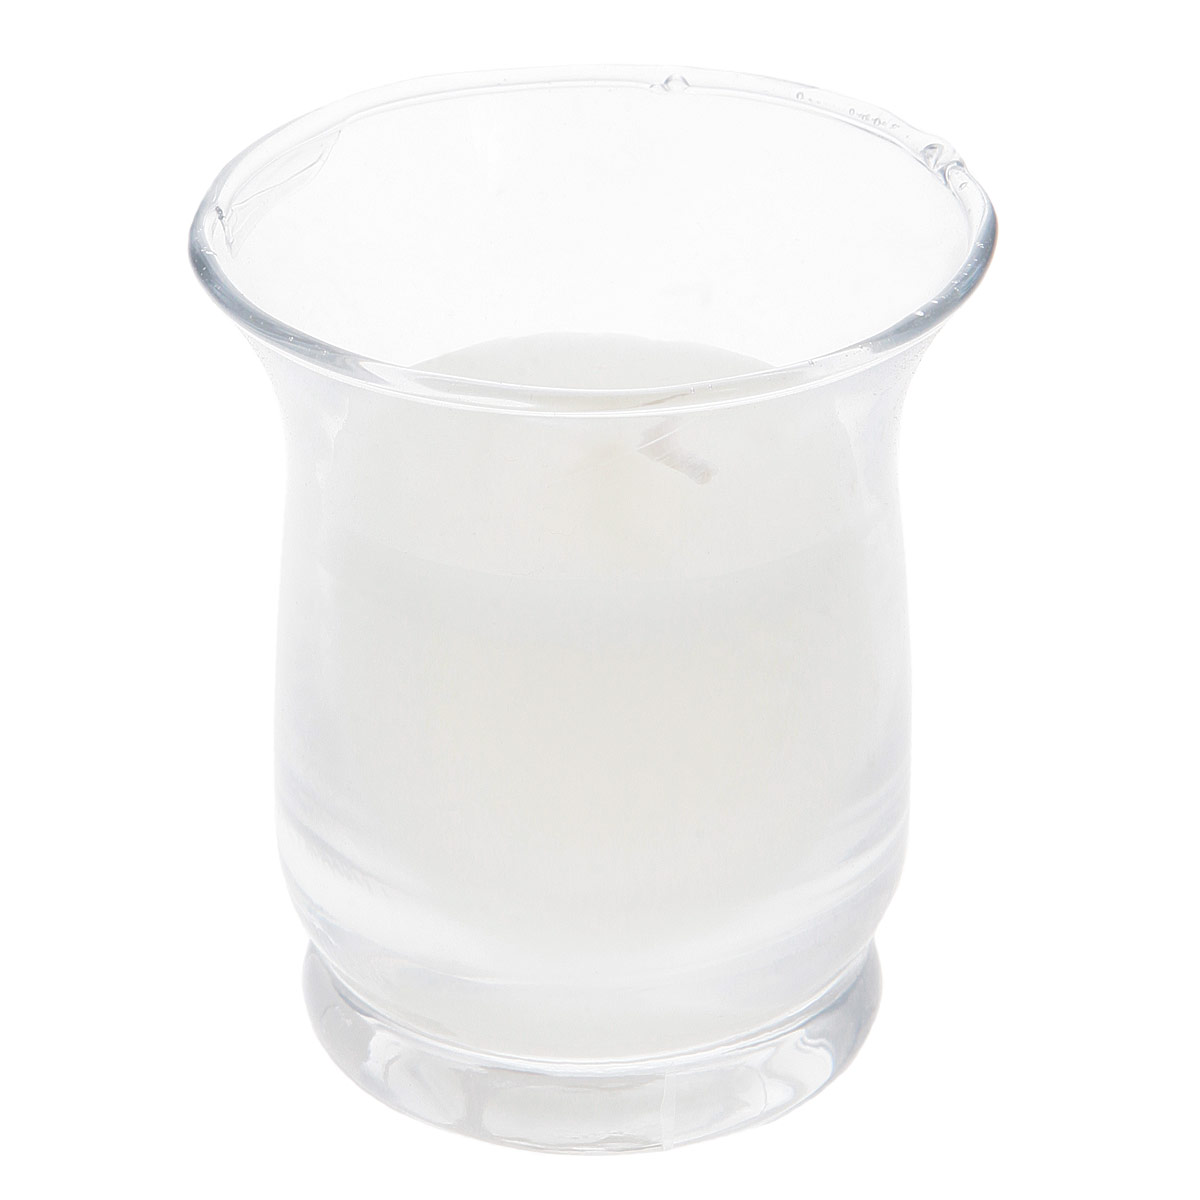 Свеча ароматизированная Sima-land Лилия, высота 7 смHD1202Ароматизированная свеча Sima-land Лилия изготовлена из воска и расположена в стеклянном стакане. Изделие отличается оригинальным дизайном и приятным цветочным ароматом. Такая свеча может стать отличным подарком или дополнить интерьер вашей комнаты.